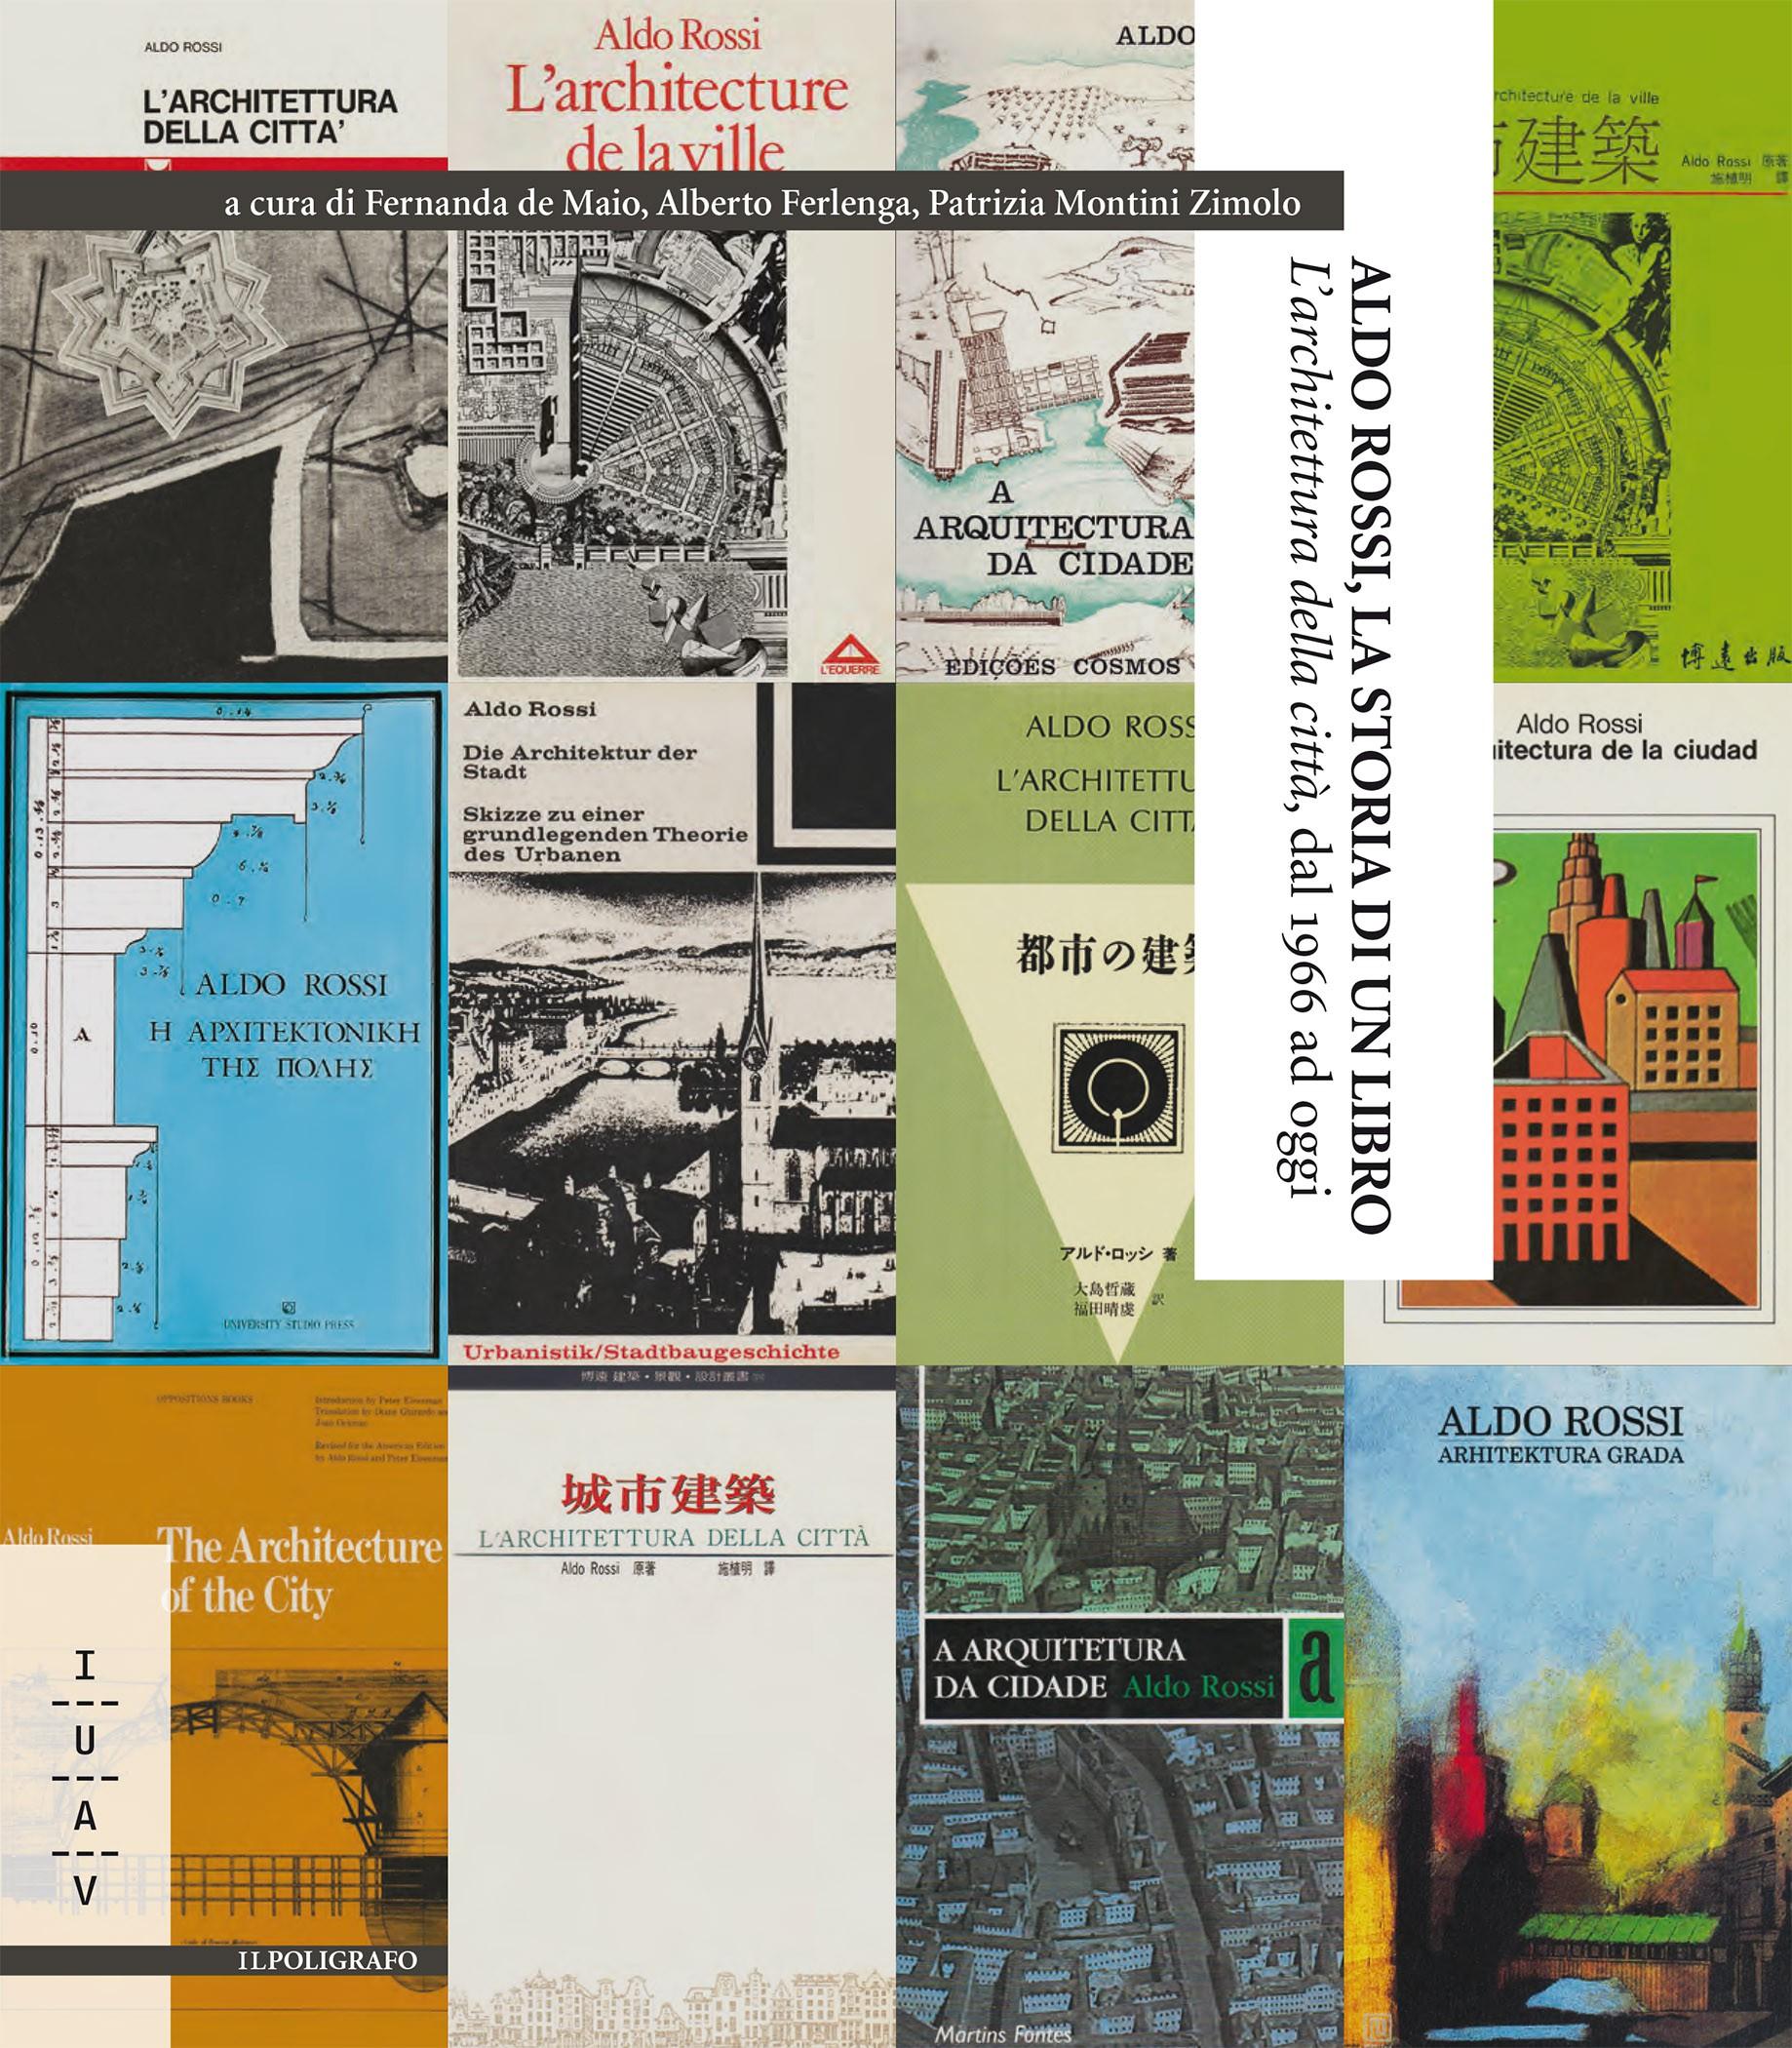 Aldo rossi la storia di un libro l architettura della for Aldo rossi architettura della citta